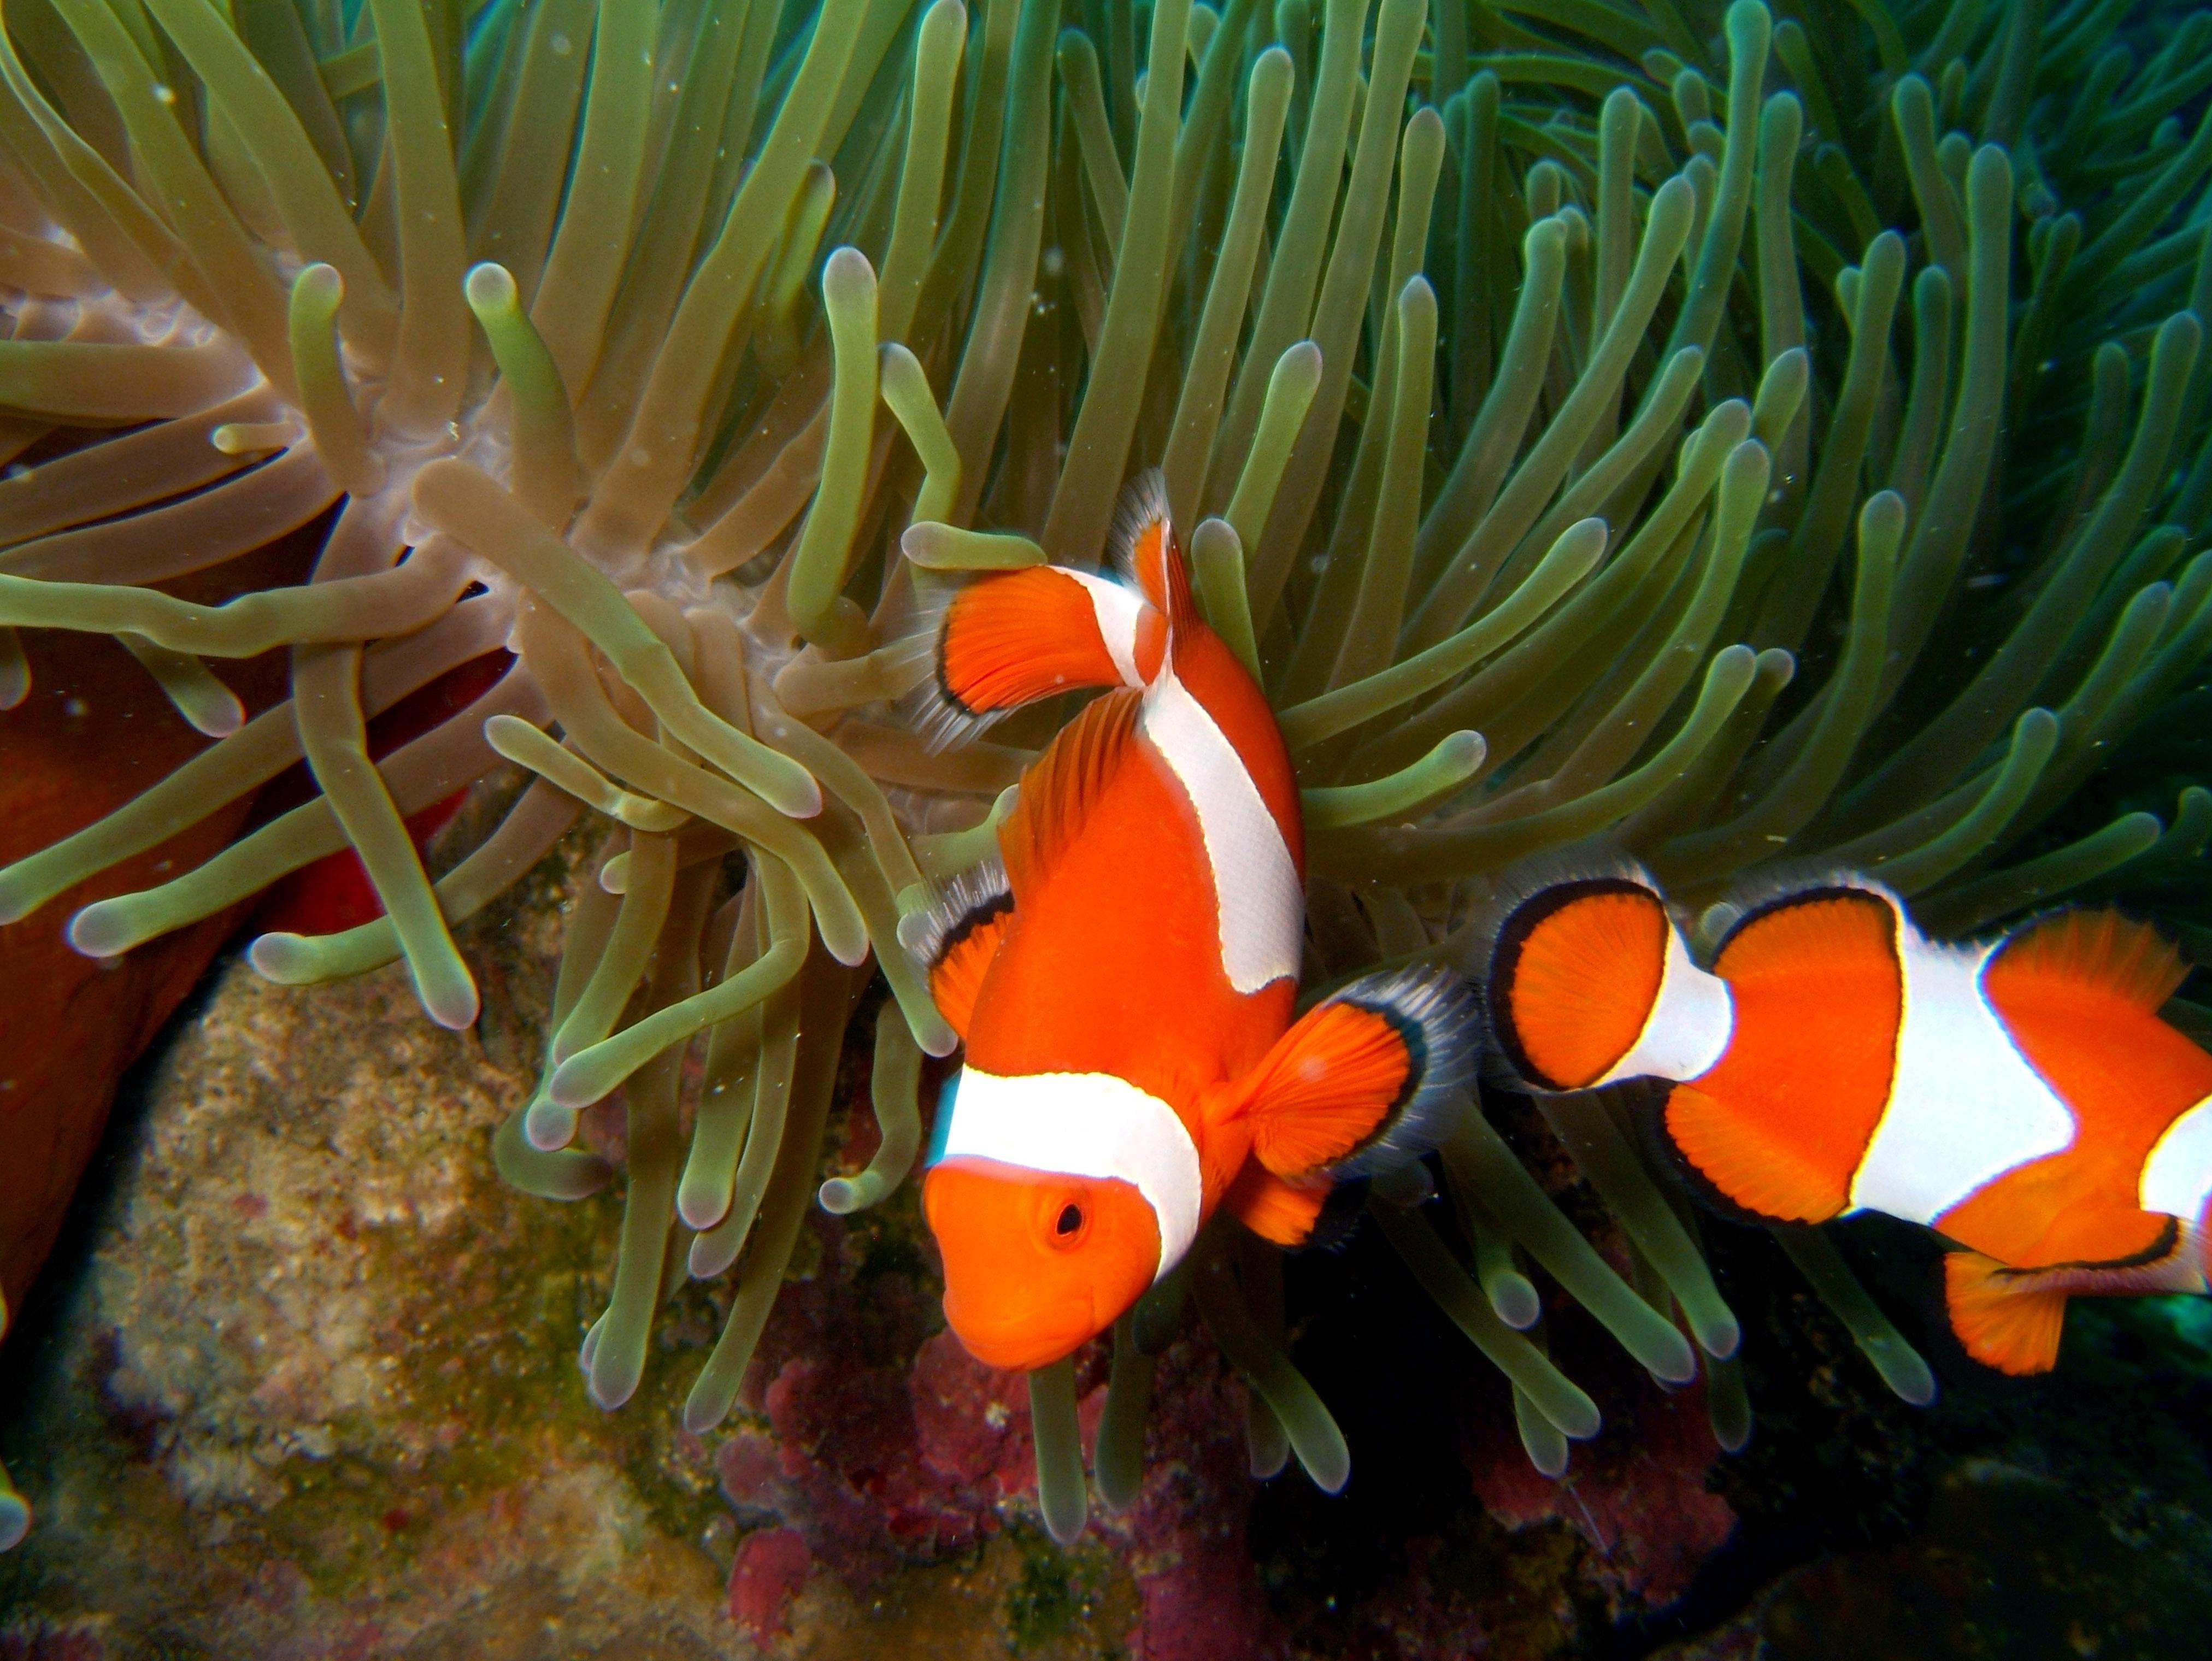 Philippines Cebu Bohol Balicasag Island Rudys rock dive Dec 2005 33